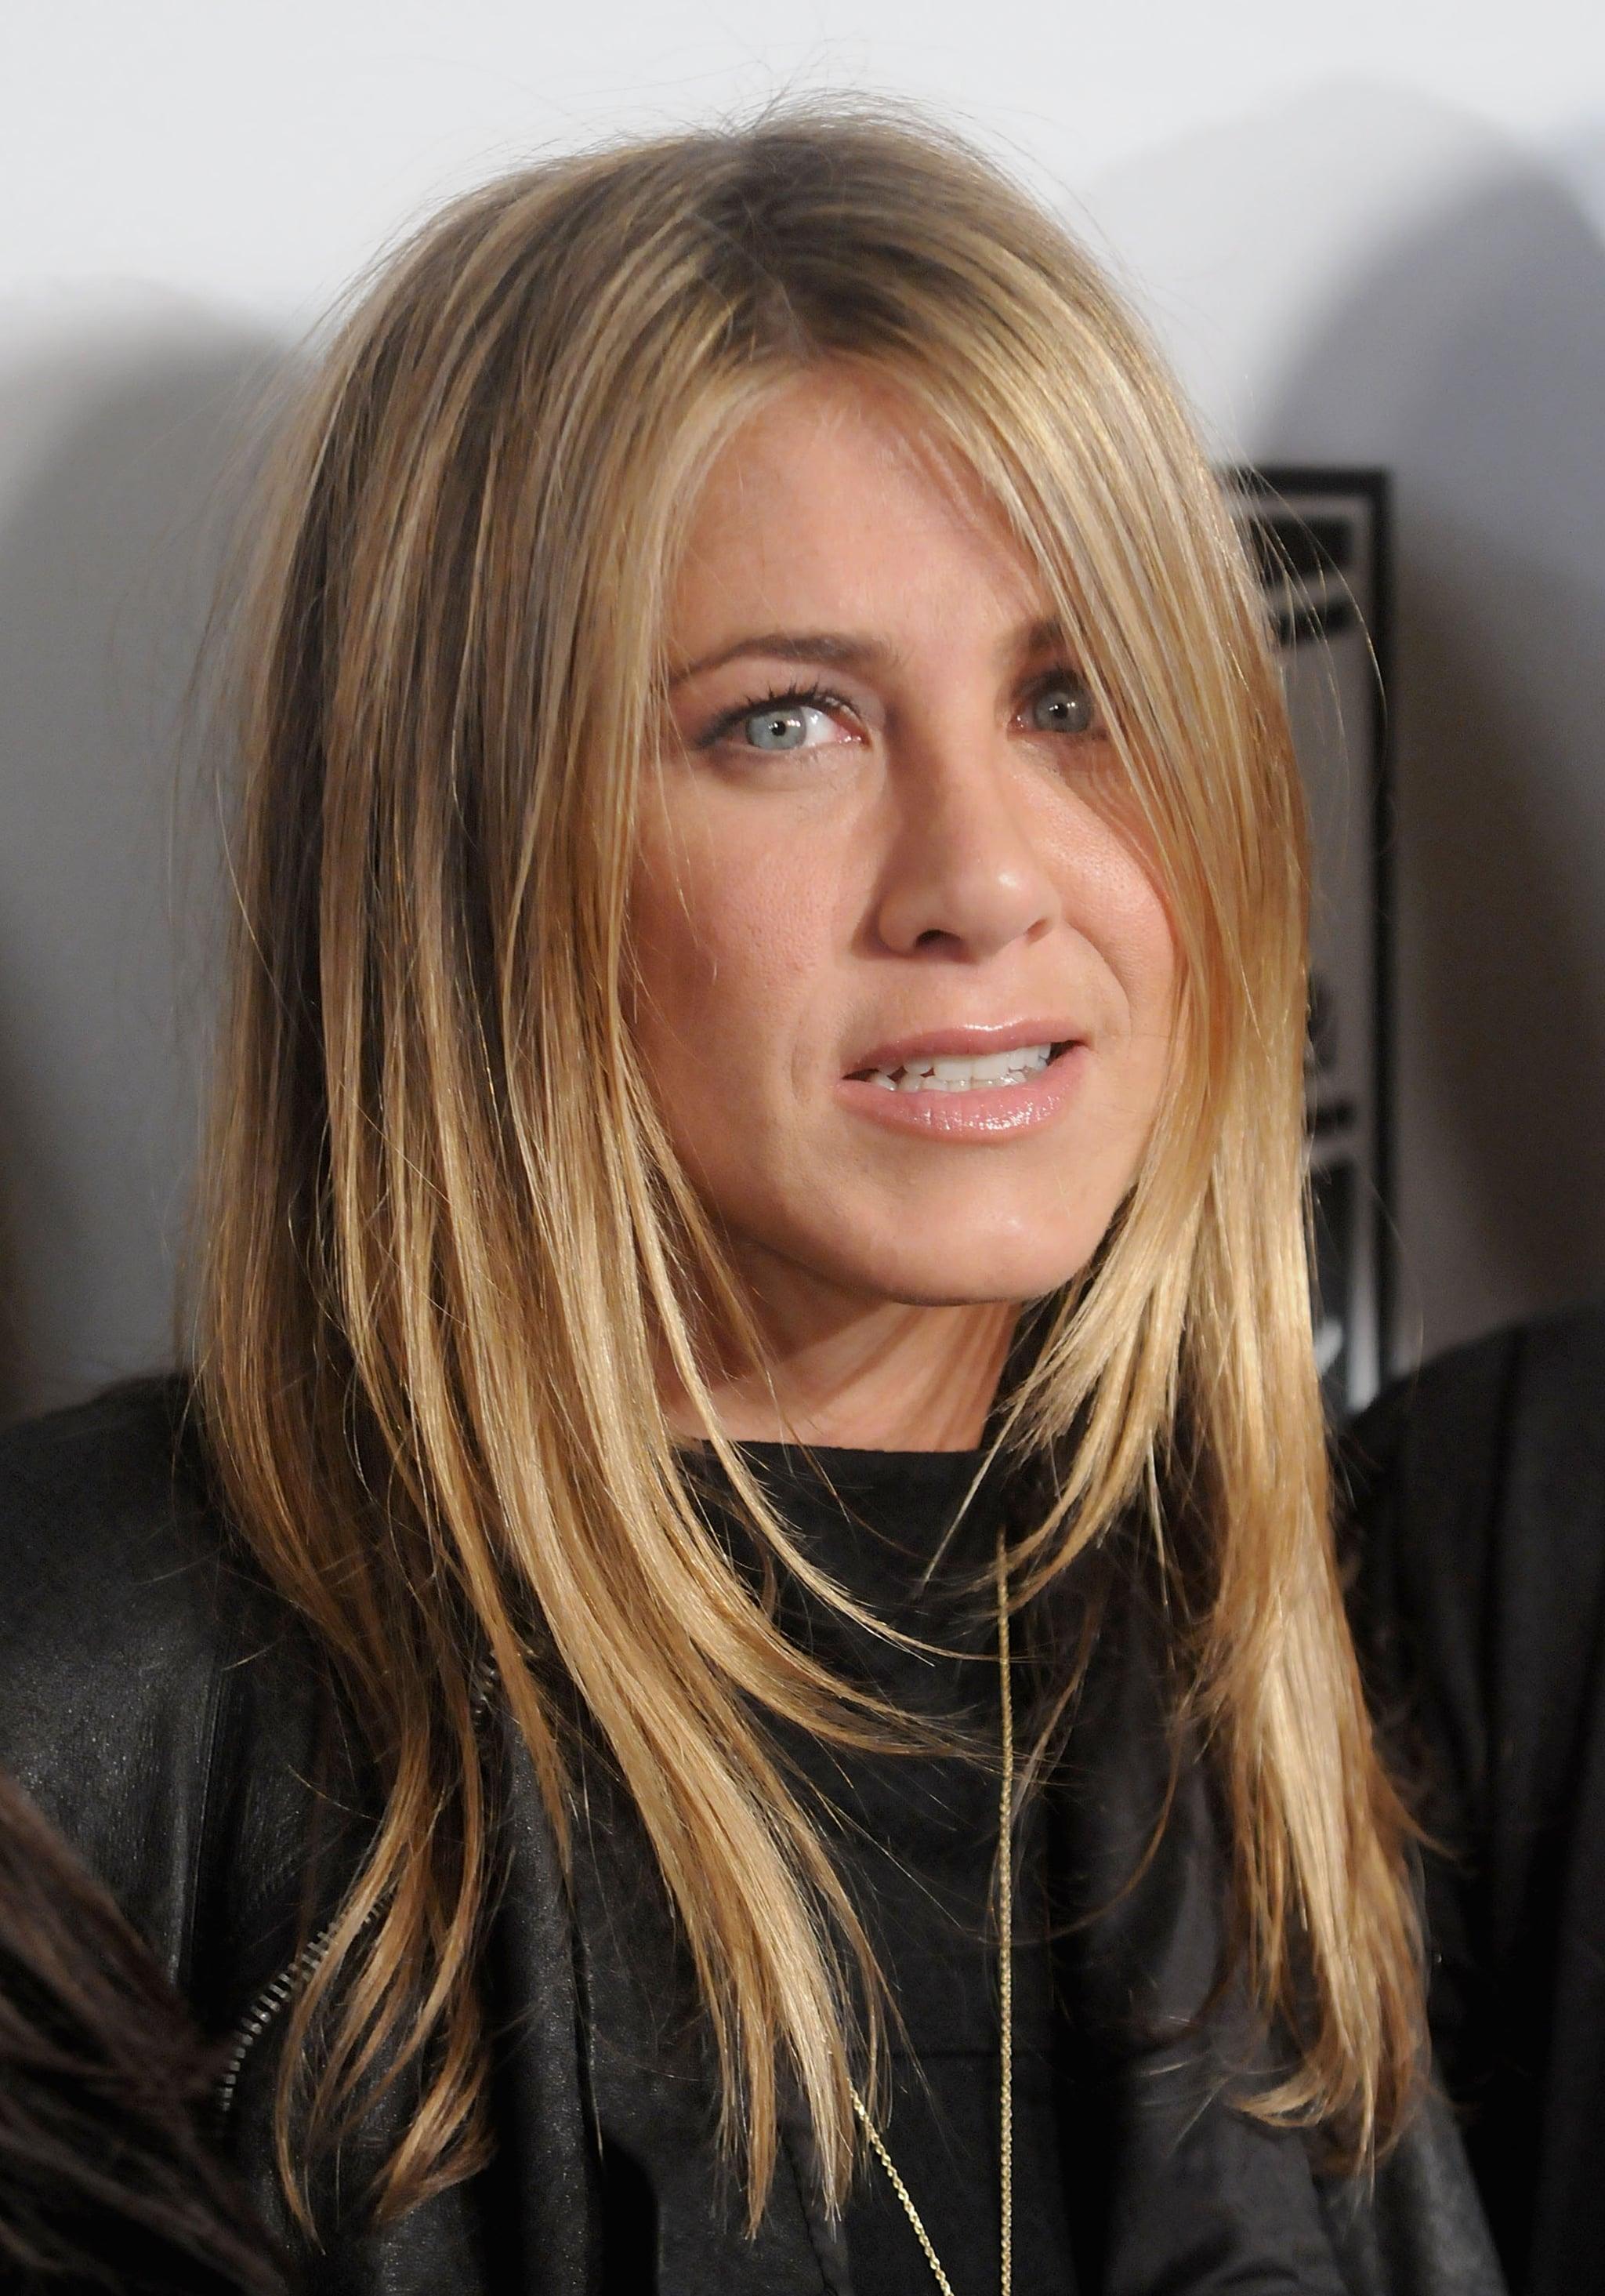 Photos of Jennifer Aniston, Demi Moore, Liev Schreiber ... Emily Blunt Sing